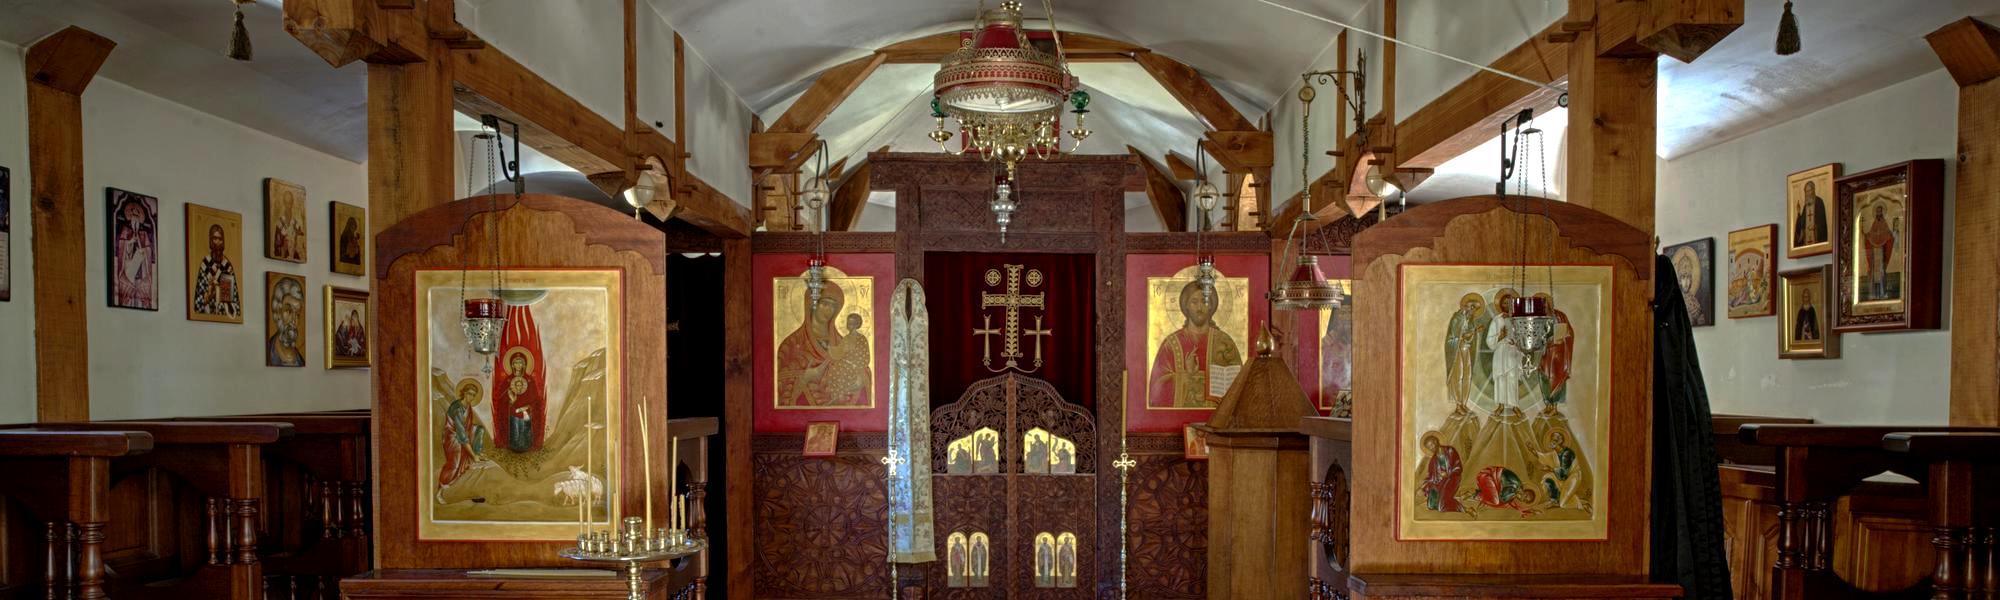 Eglise monastère de la Transfiguration